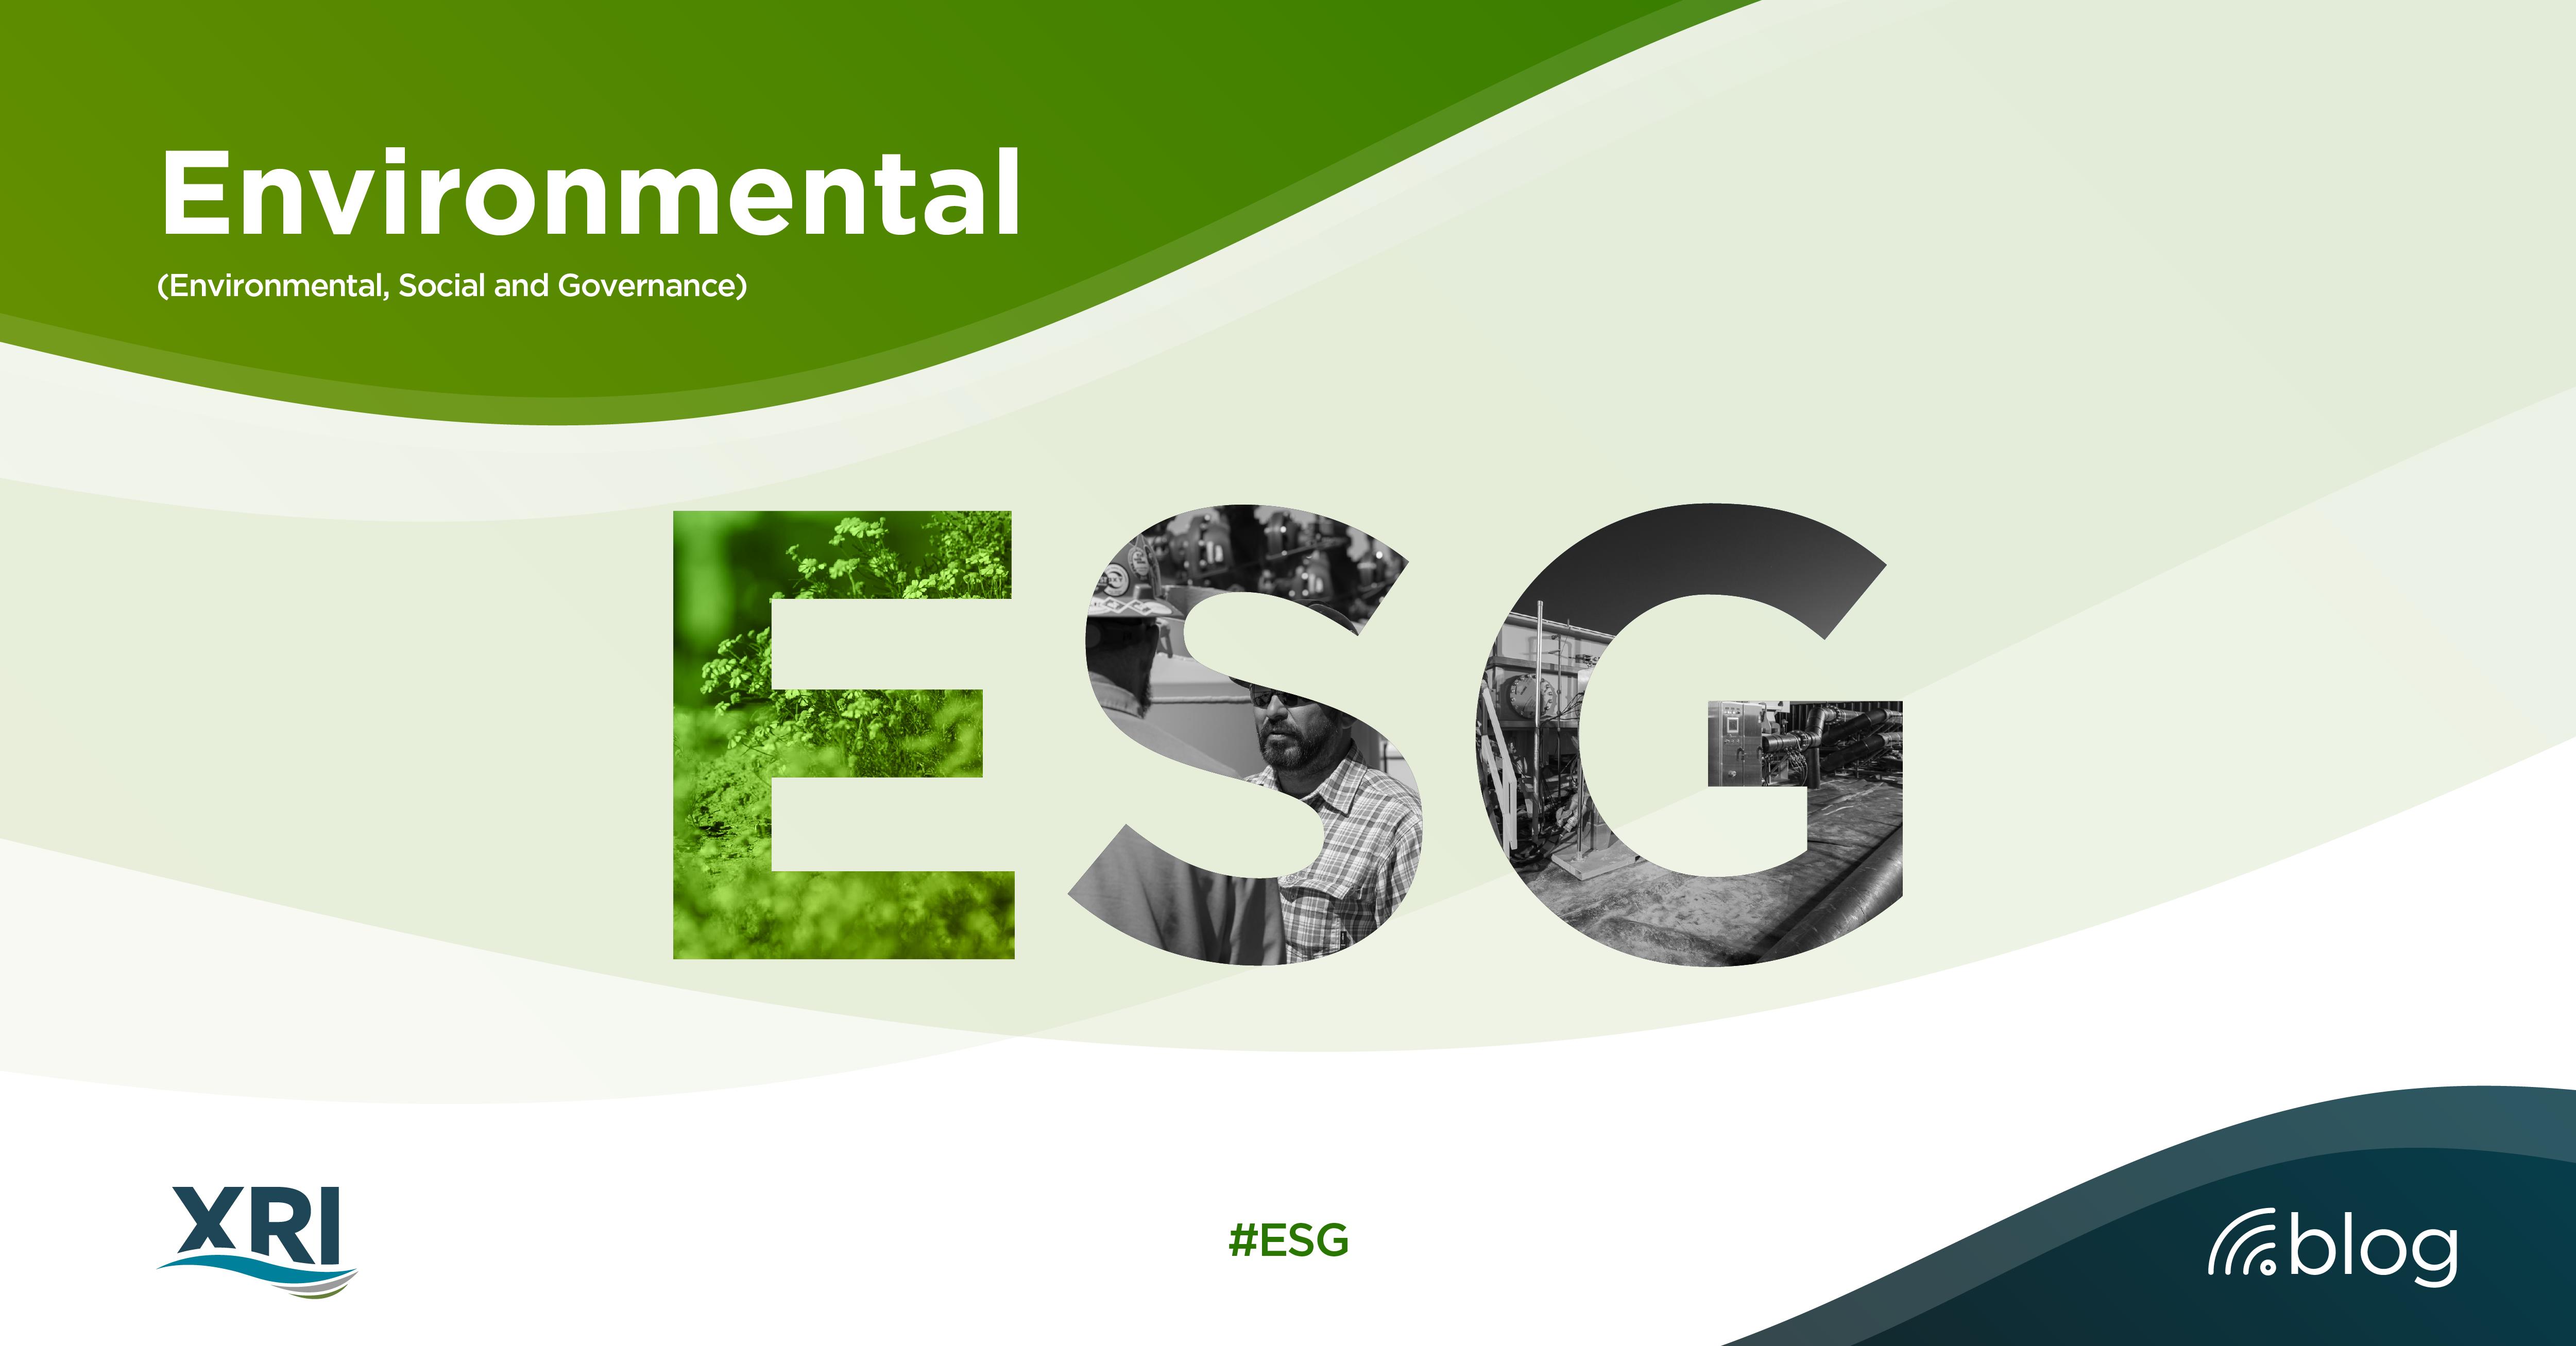 ESG: Environmental